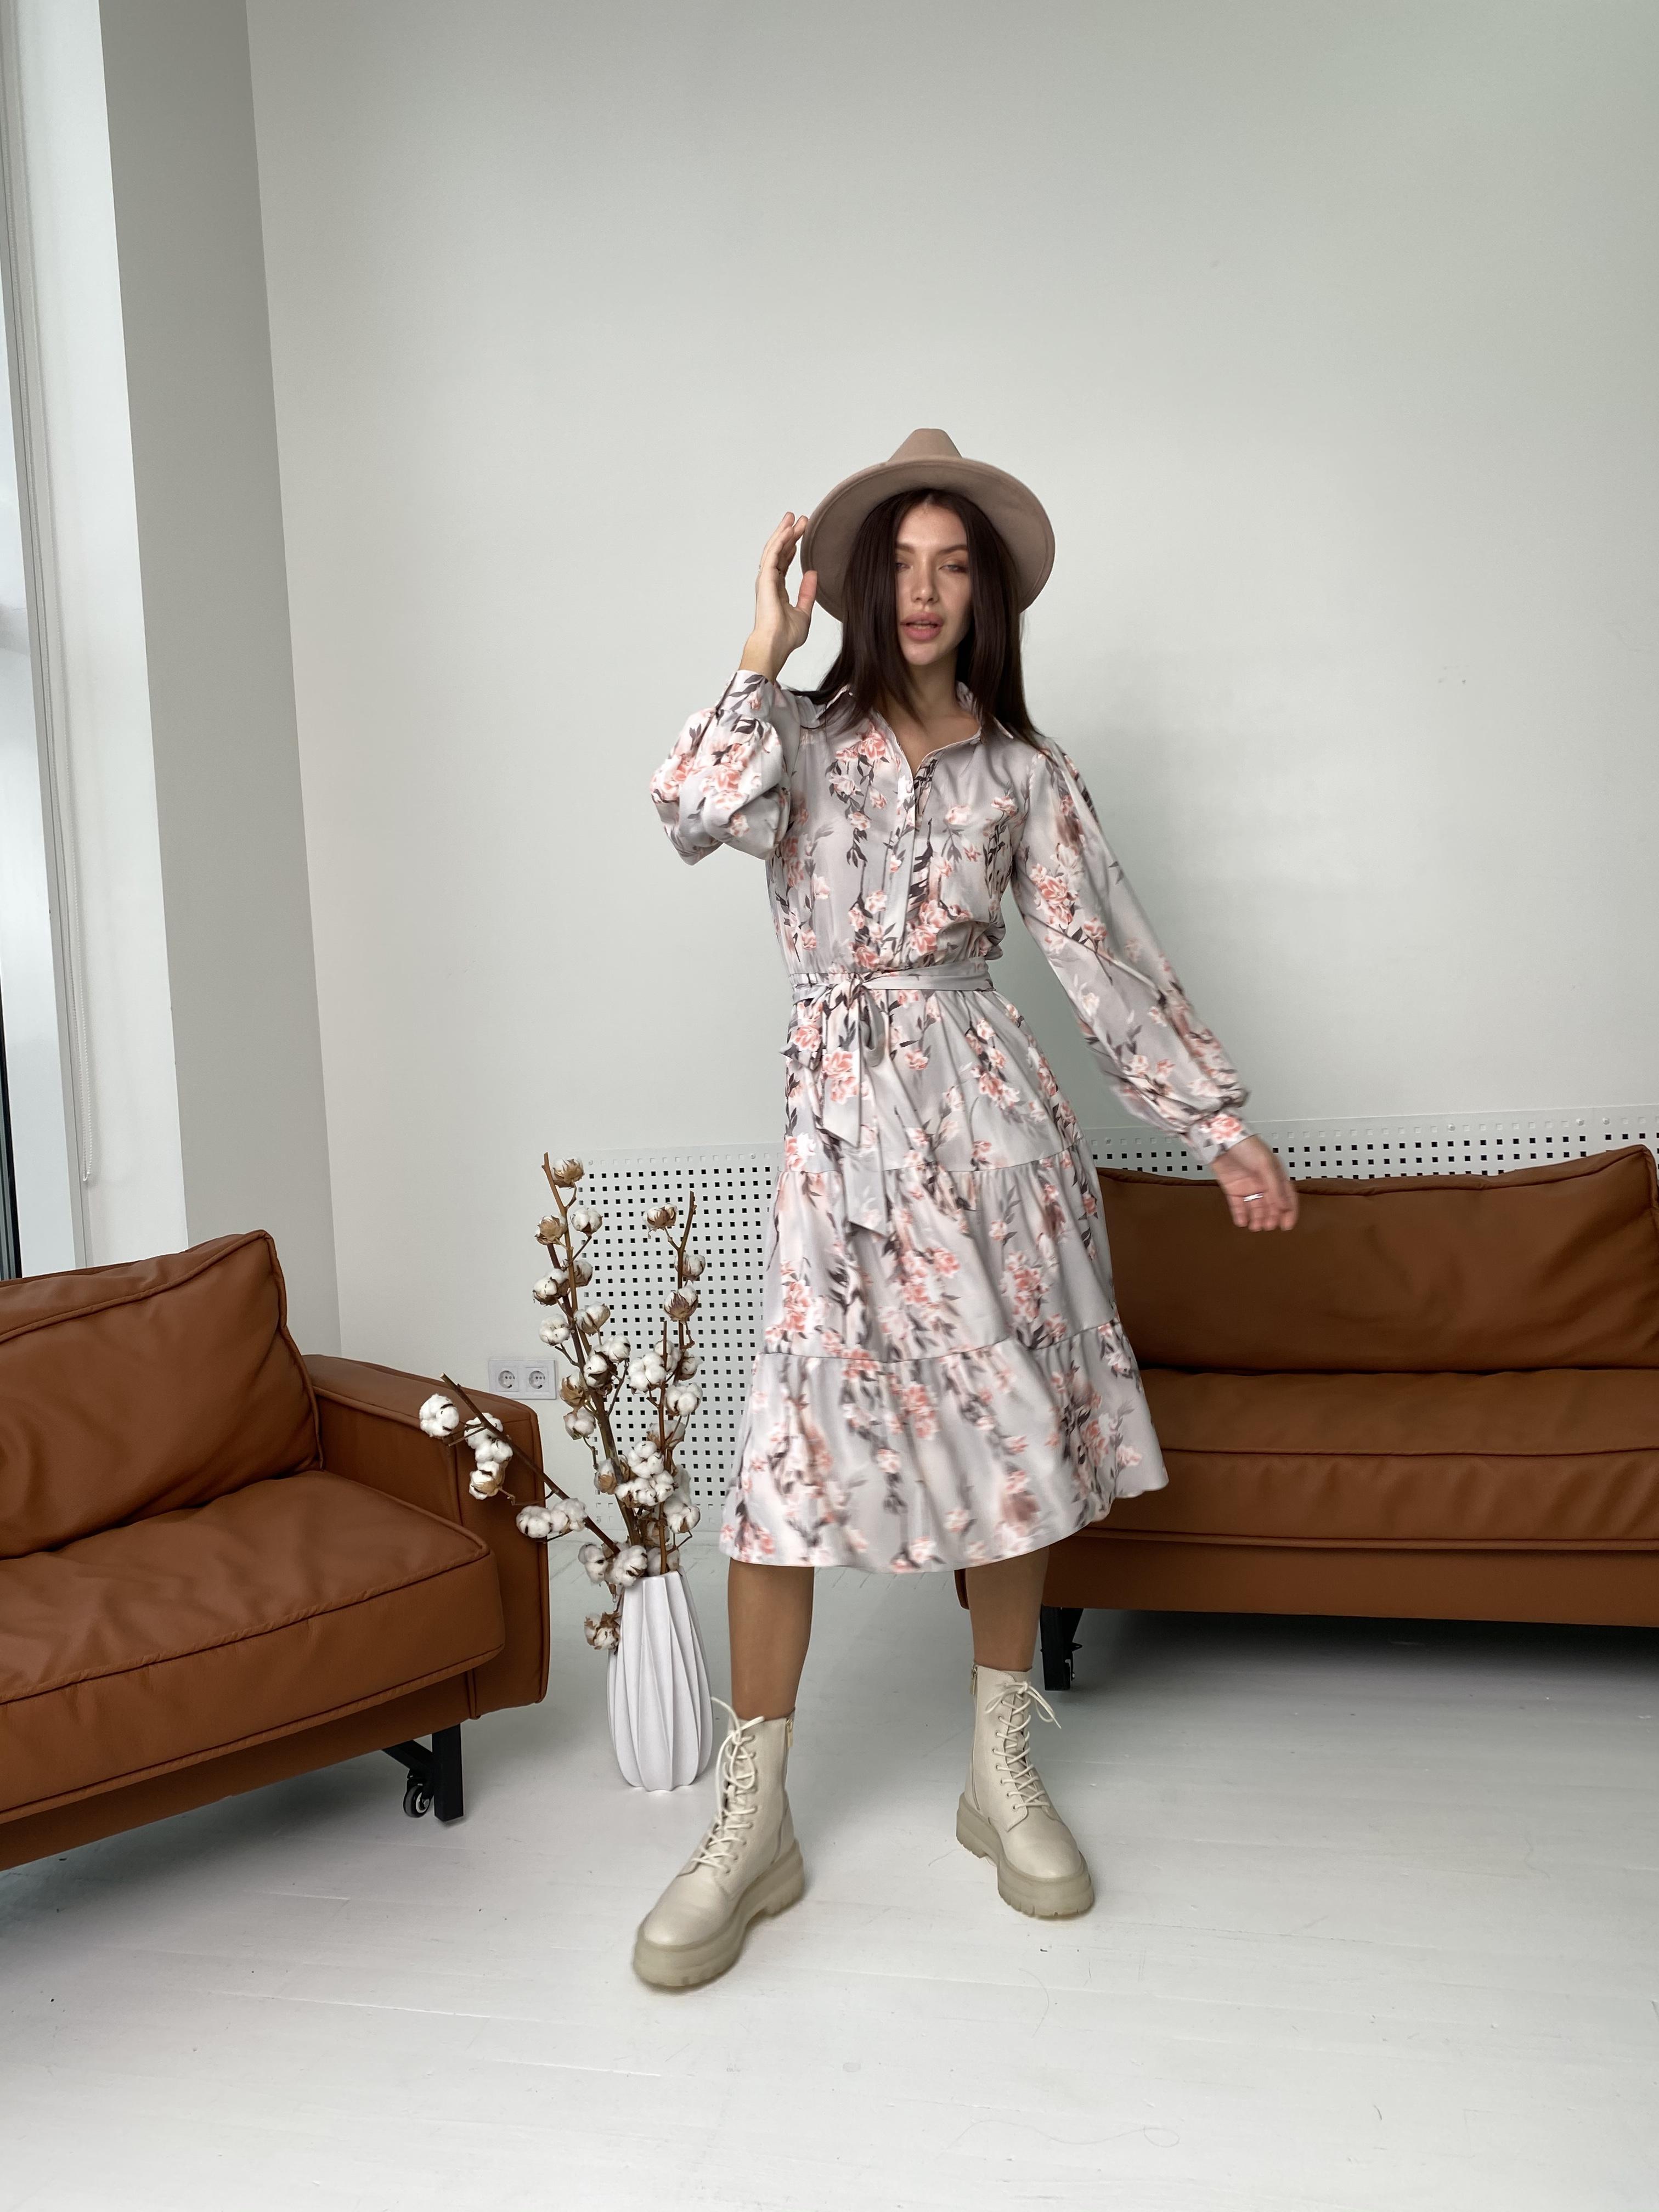 Лилия платье в цветочный принт 9712 АРТ. 46015 Цвет: Цветы кр/цепи Молоко/пудра - фото 5, интернет магазин tm-modus.ru